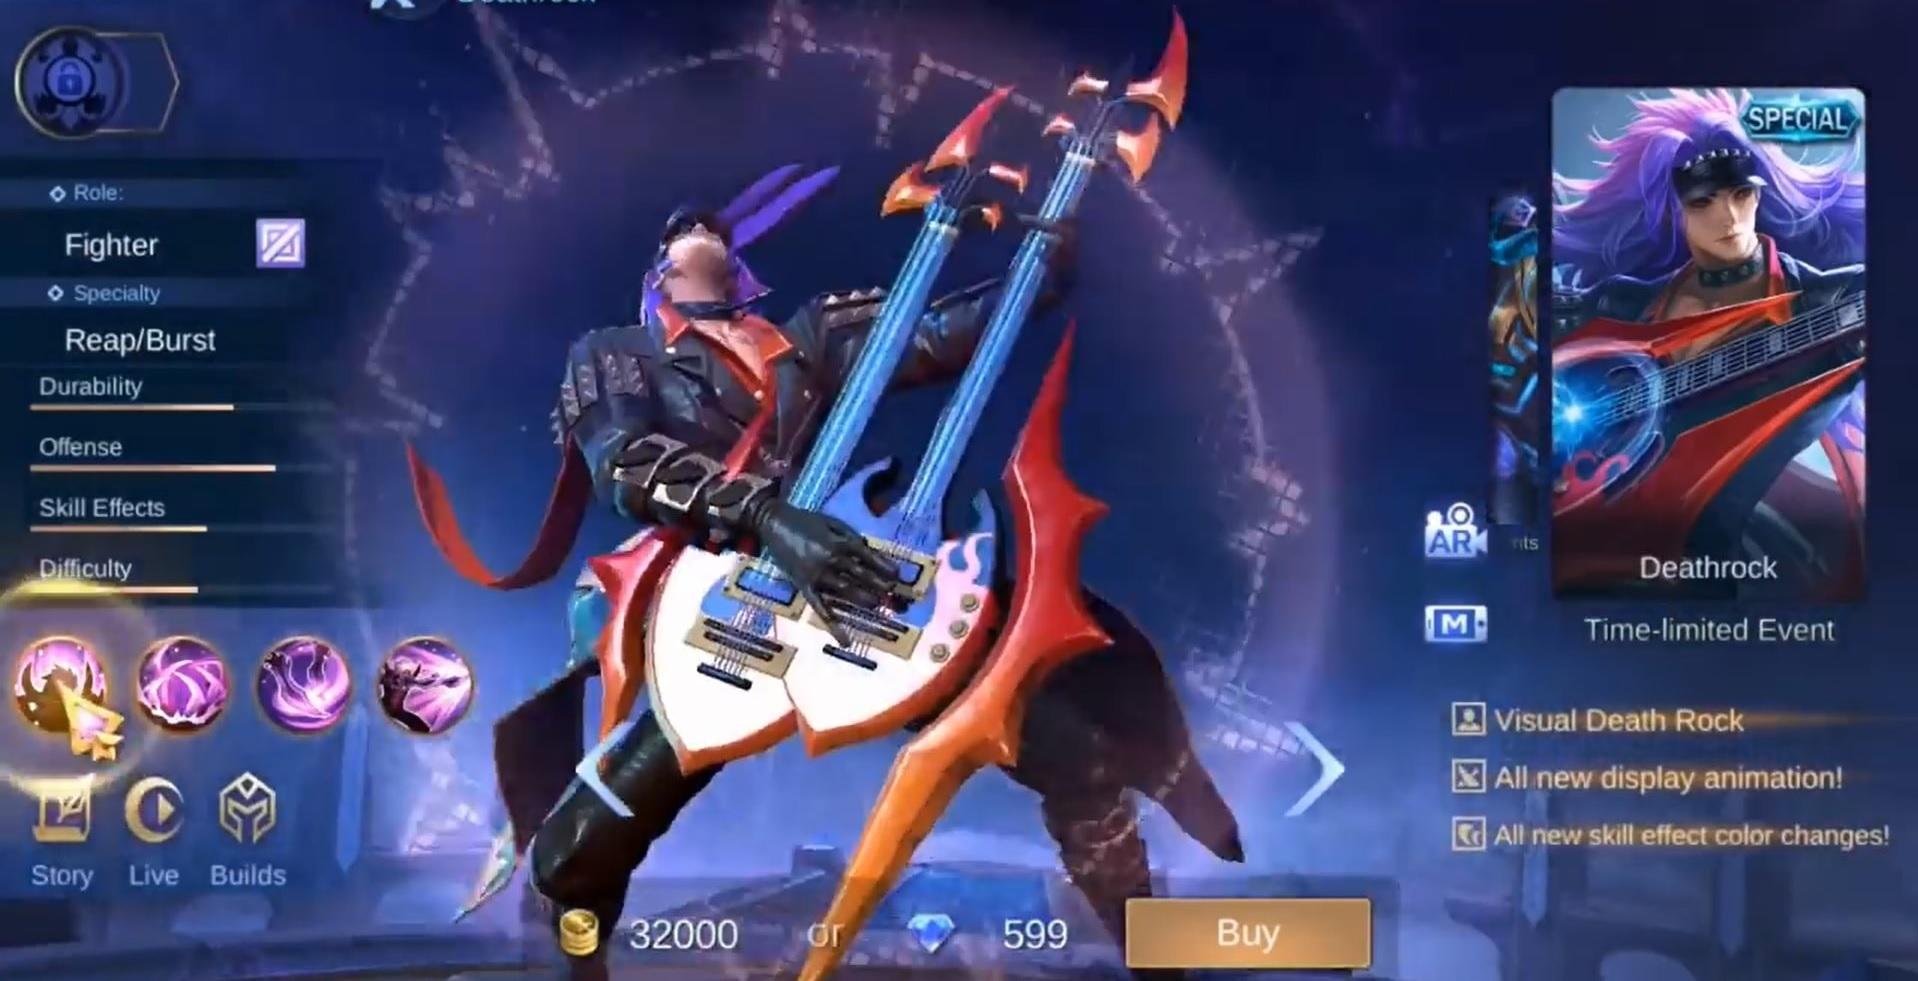 Skin Martis Deathrock ML New Cool Mobile Legends!